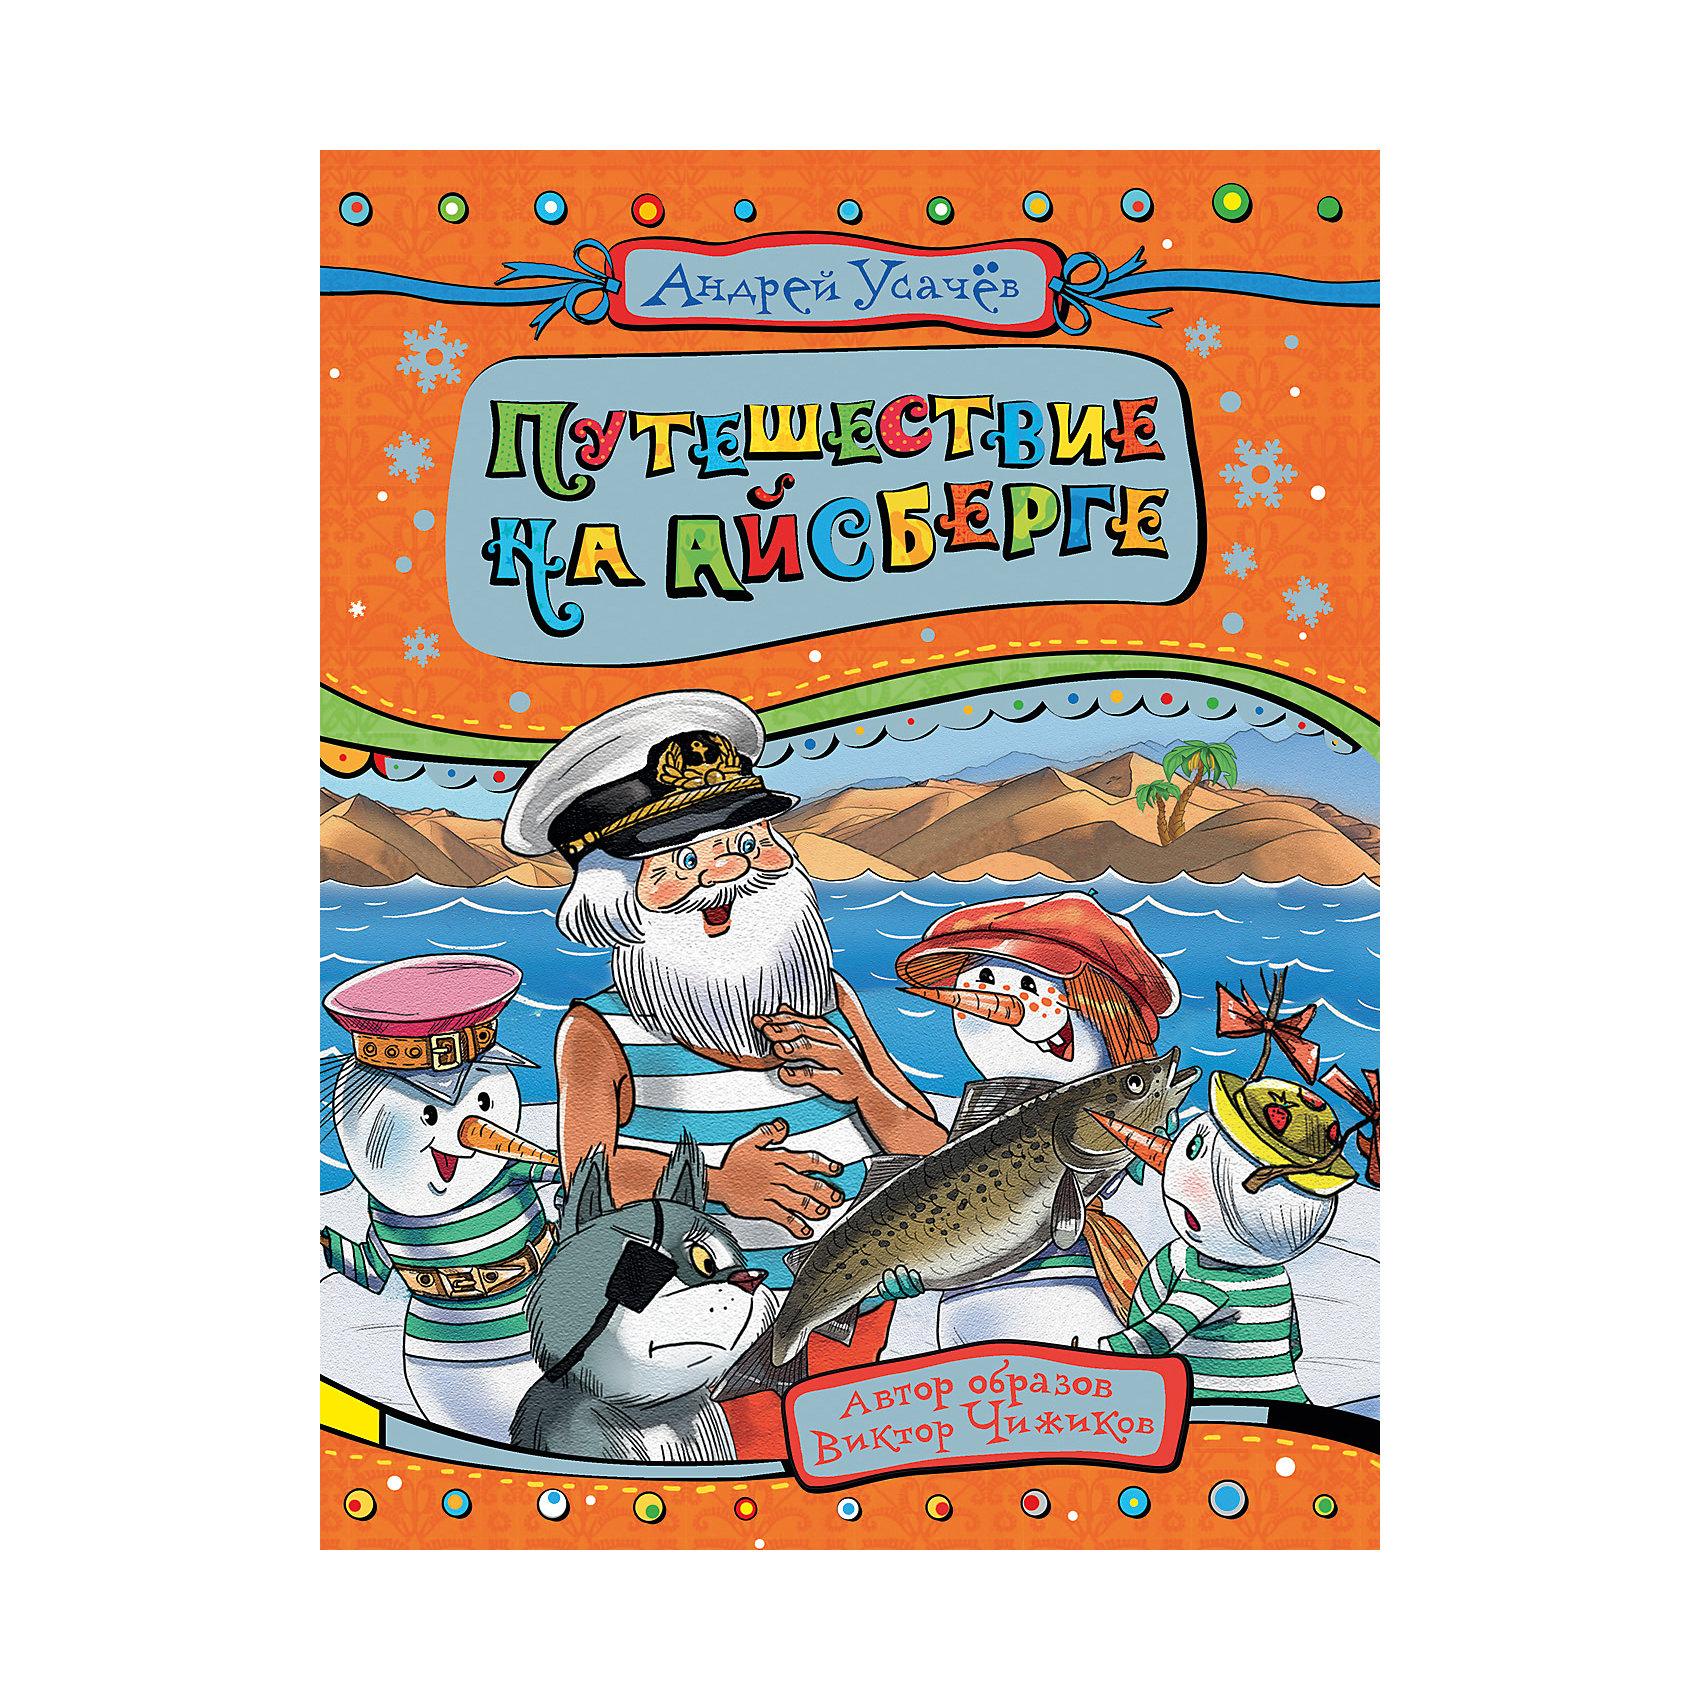 Путешествие на айсберге, А. УсачевСказки, рассказы, стихи<br>Характеристики товара:<br><br>- цвет: разноцветный;<br>- материал: бумага;<br>- страниц: 128;<br>- формат: 28 x 21 см;<br>- обложка: твердая;<br>- возраст: от пяти лет;<br>- цветные иллюстрации.<br><br>Эта интересная книга с яркими иллюстрациями станет отличным подарком для ребенка. Она содержит в себе поучительные и захватывающие приключения, причем сюжет - на новогоднюю тематику! Талантливый иллюстратор дополнил книгу яркими картинками, которые помогают ребенку проникнуться духом волшебства.<br>Чтение - отличный способ активизации мышления, оно помогает ребенку развивать зрительную память, концентрацию внимания и воображение. Издание произведено из качественных материалов, которые безопасны даже для самых маленьких.<br><br>Издание Путешествие на айсберге, А. Усачев от компании Росмэн можно купить в нашем интернет-магазине.<br><br>Ширина мм: 283<br>Глубина мм: 218<br>Высота мм: 11<br>Вес г: 580<br>Возраст от месяцев: 60<br>Возраст до месяцев: 84<br>Пол: Унисекс<br>Возраст: Детский<br>SKU: 5109798